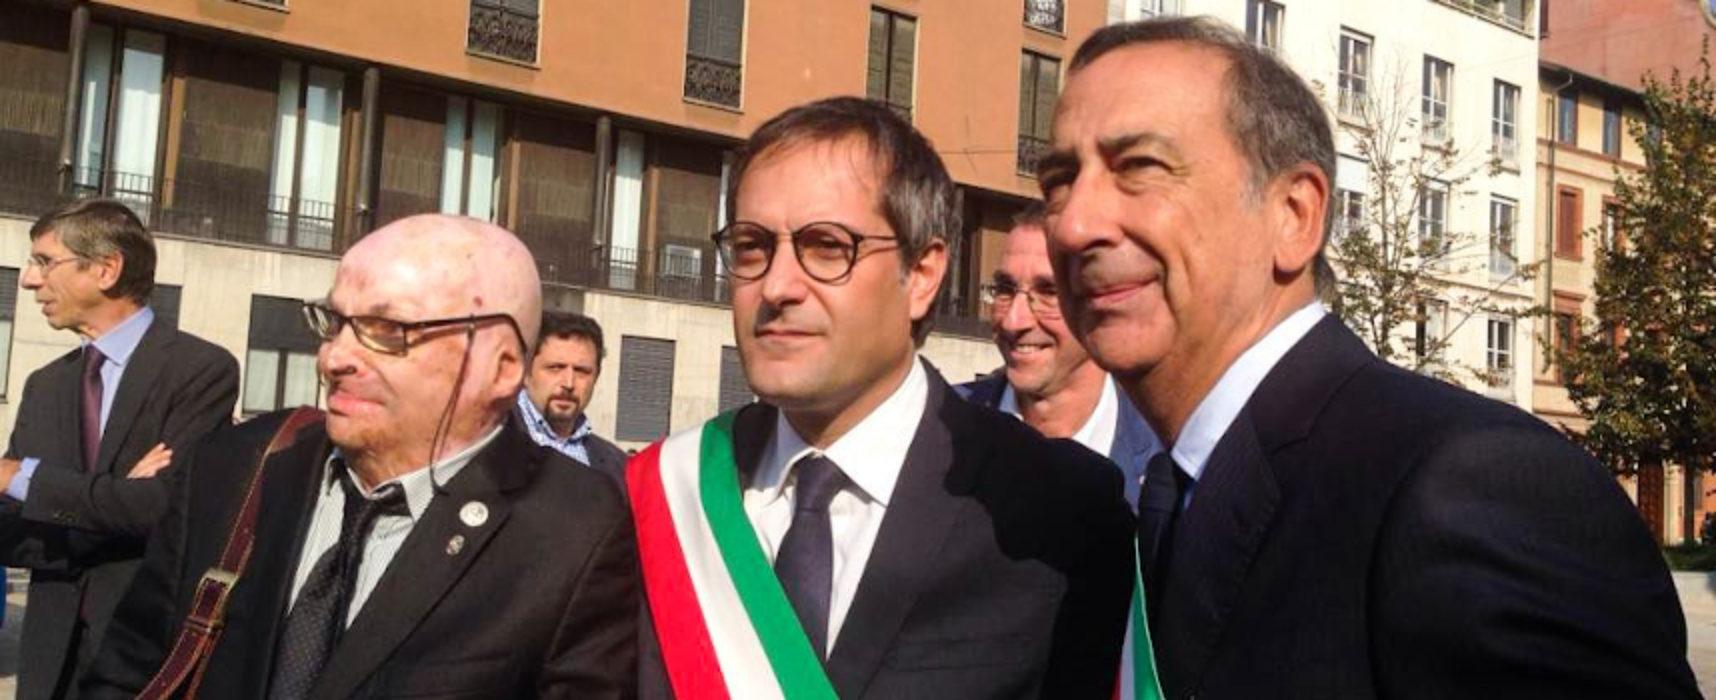 """Angarano: """"Uniti nella commemorazione delle vittime della strage di Linate"""""""